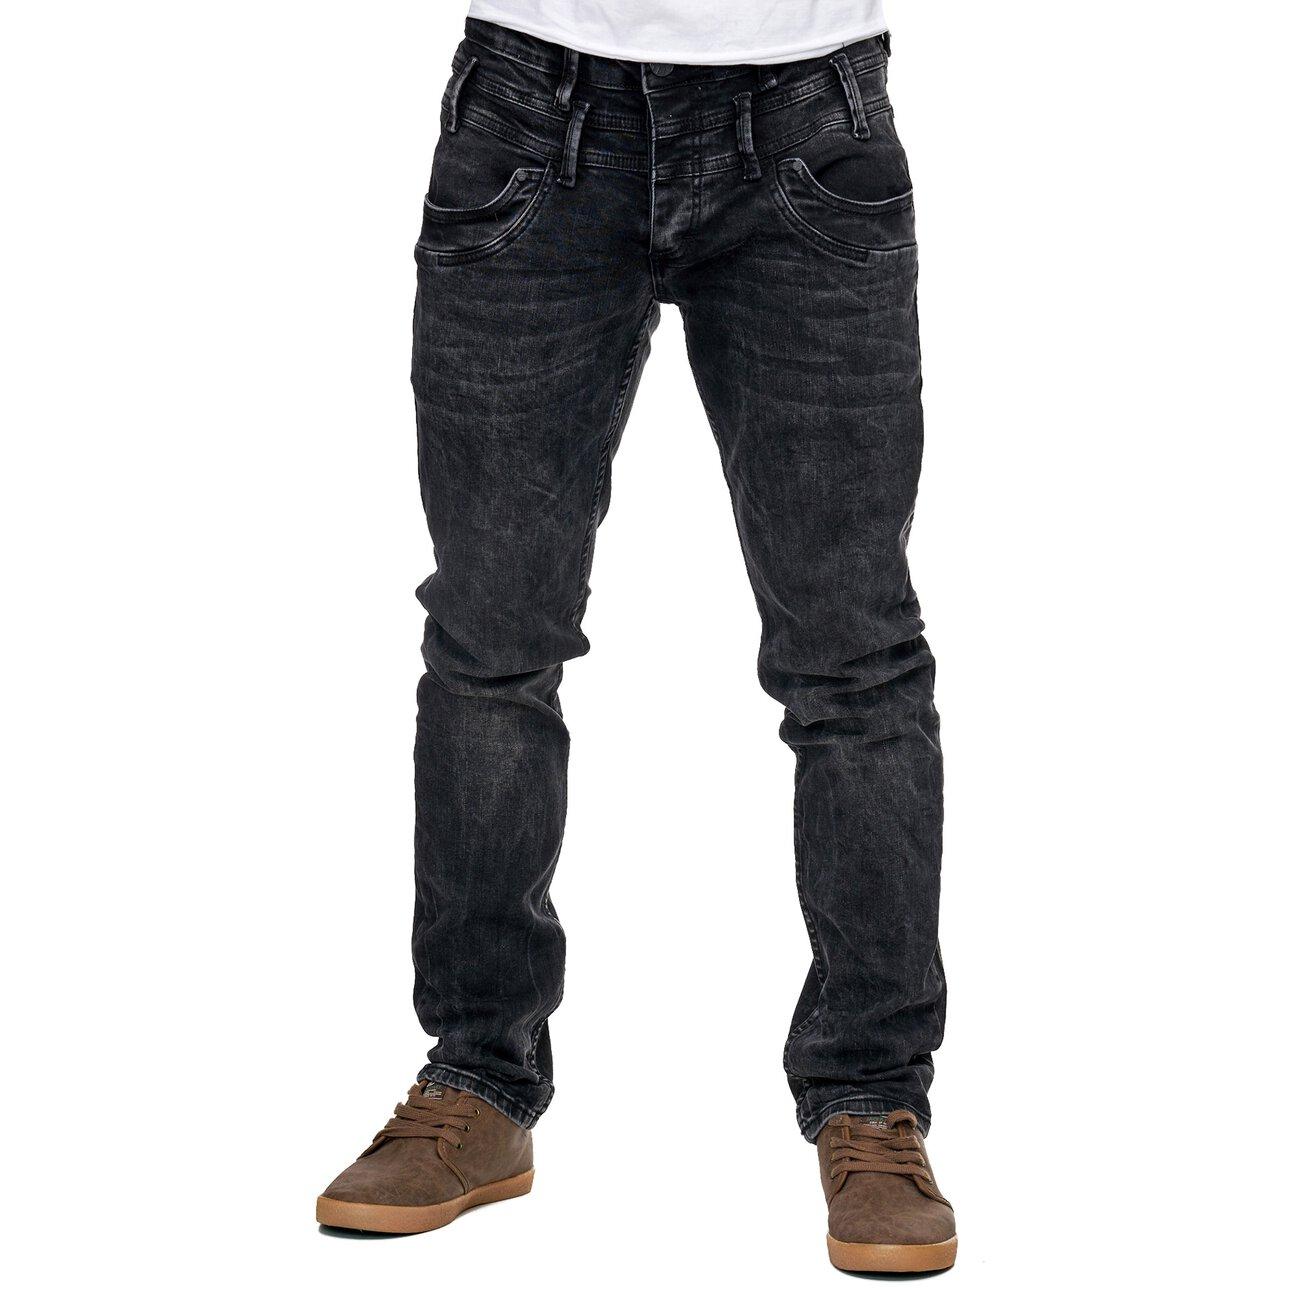 reslad jeans herren slim fit hose basic stretch denim. Black Bedroom Furniture Sets. Home Design Ideas